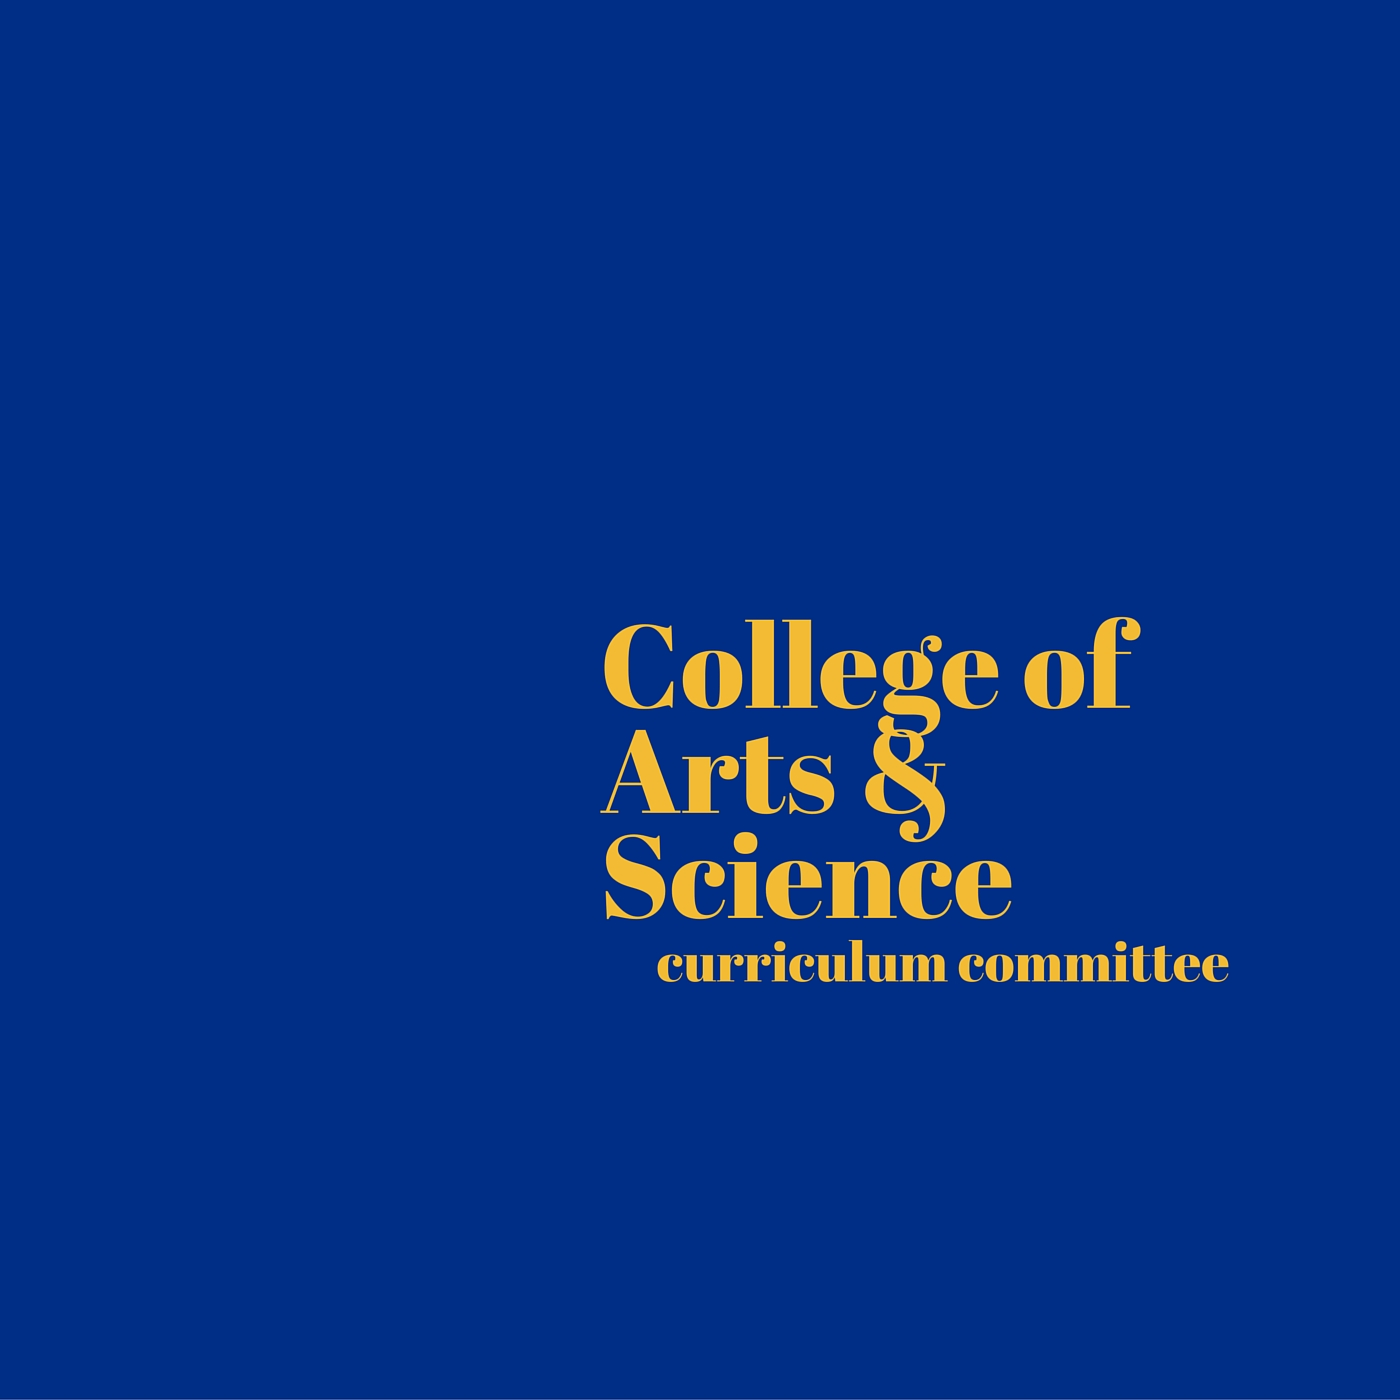 CAS Curriculum Committee